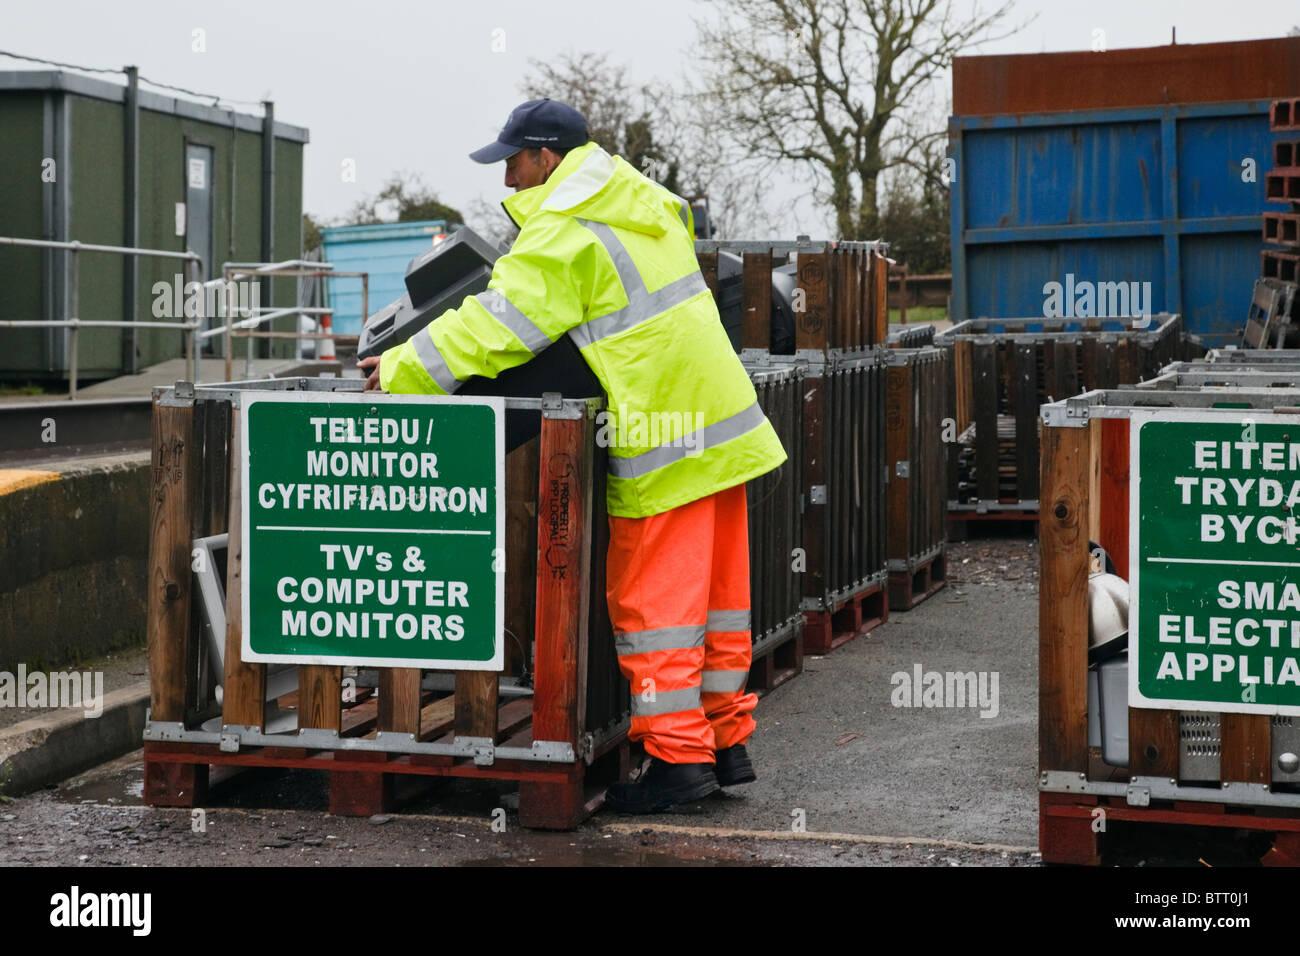 Workman vous jetez un ancien plat dans le récipient à déchets Conseil site pour déchets ménagers. Photo Stock